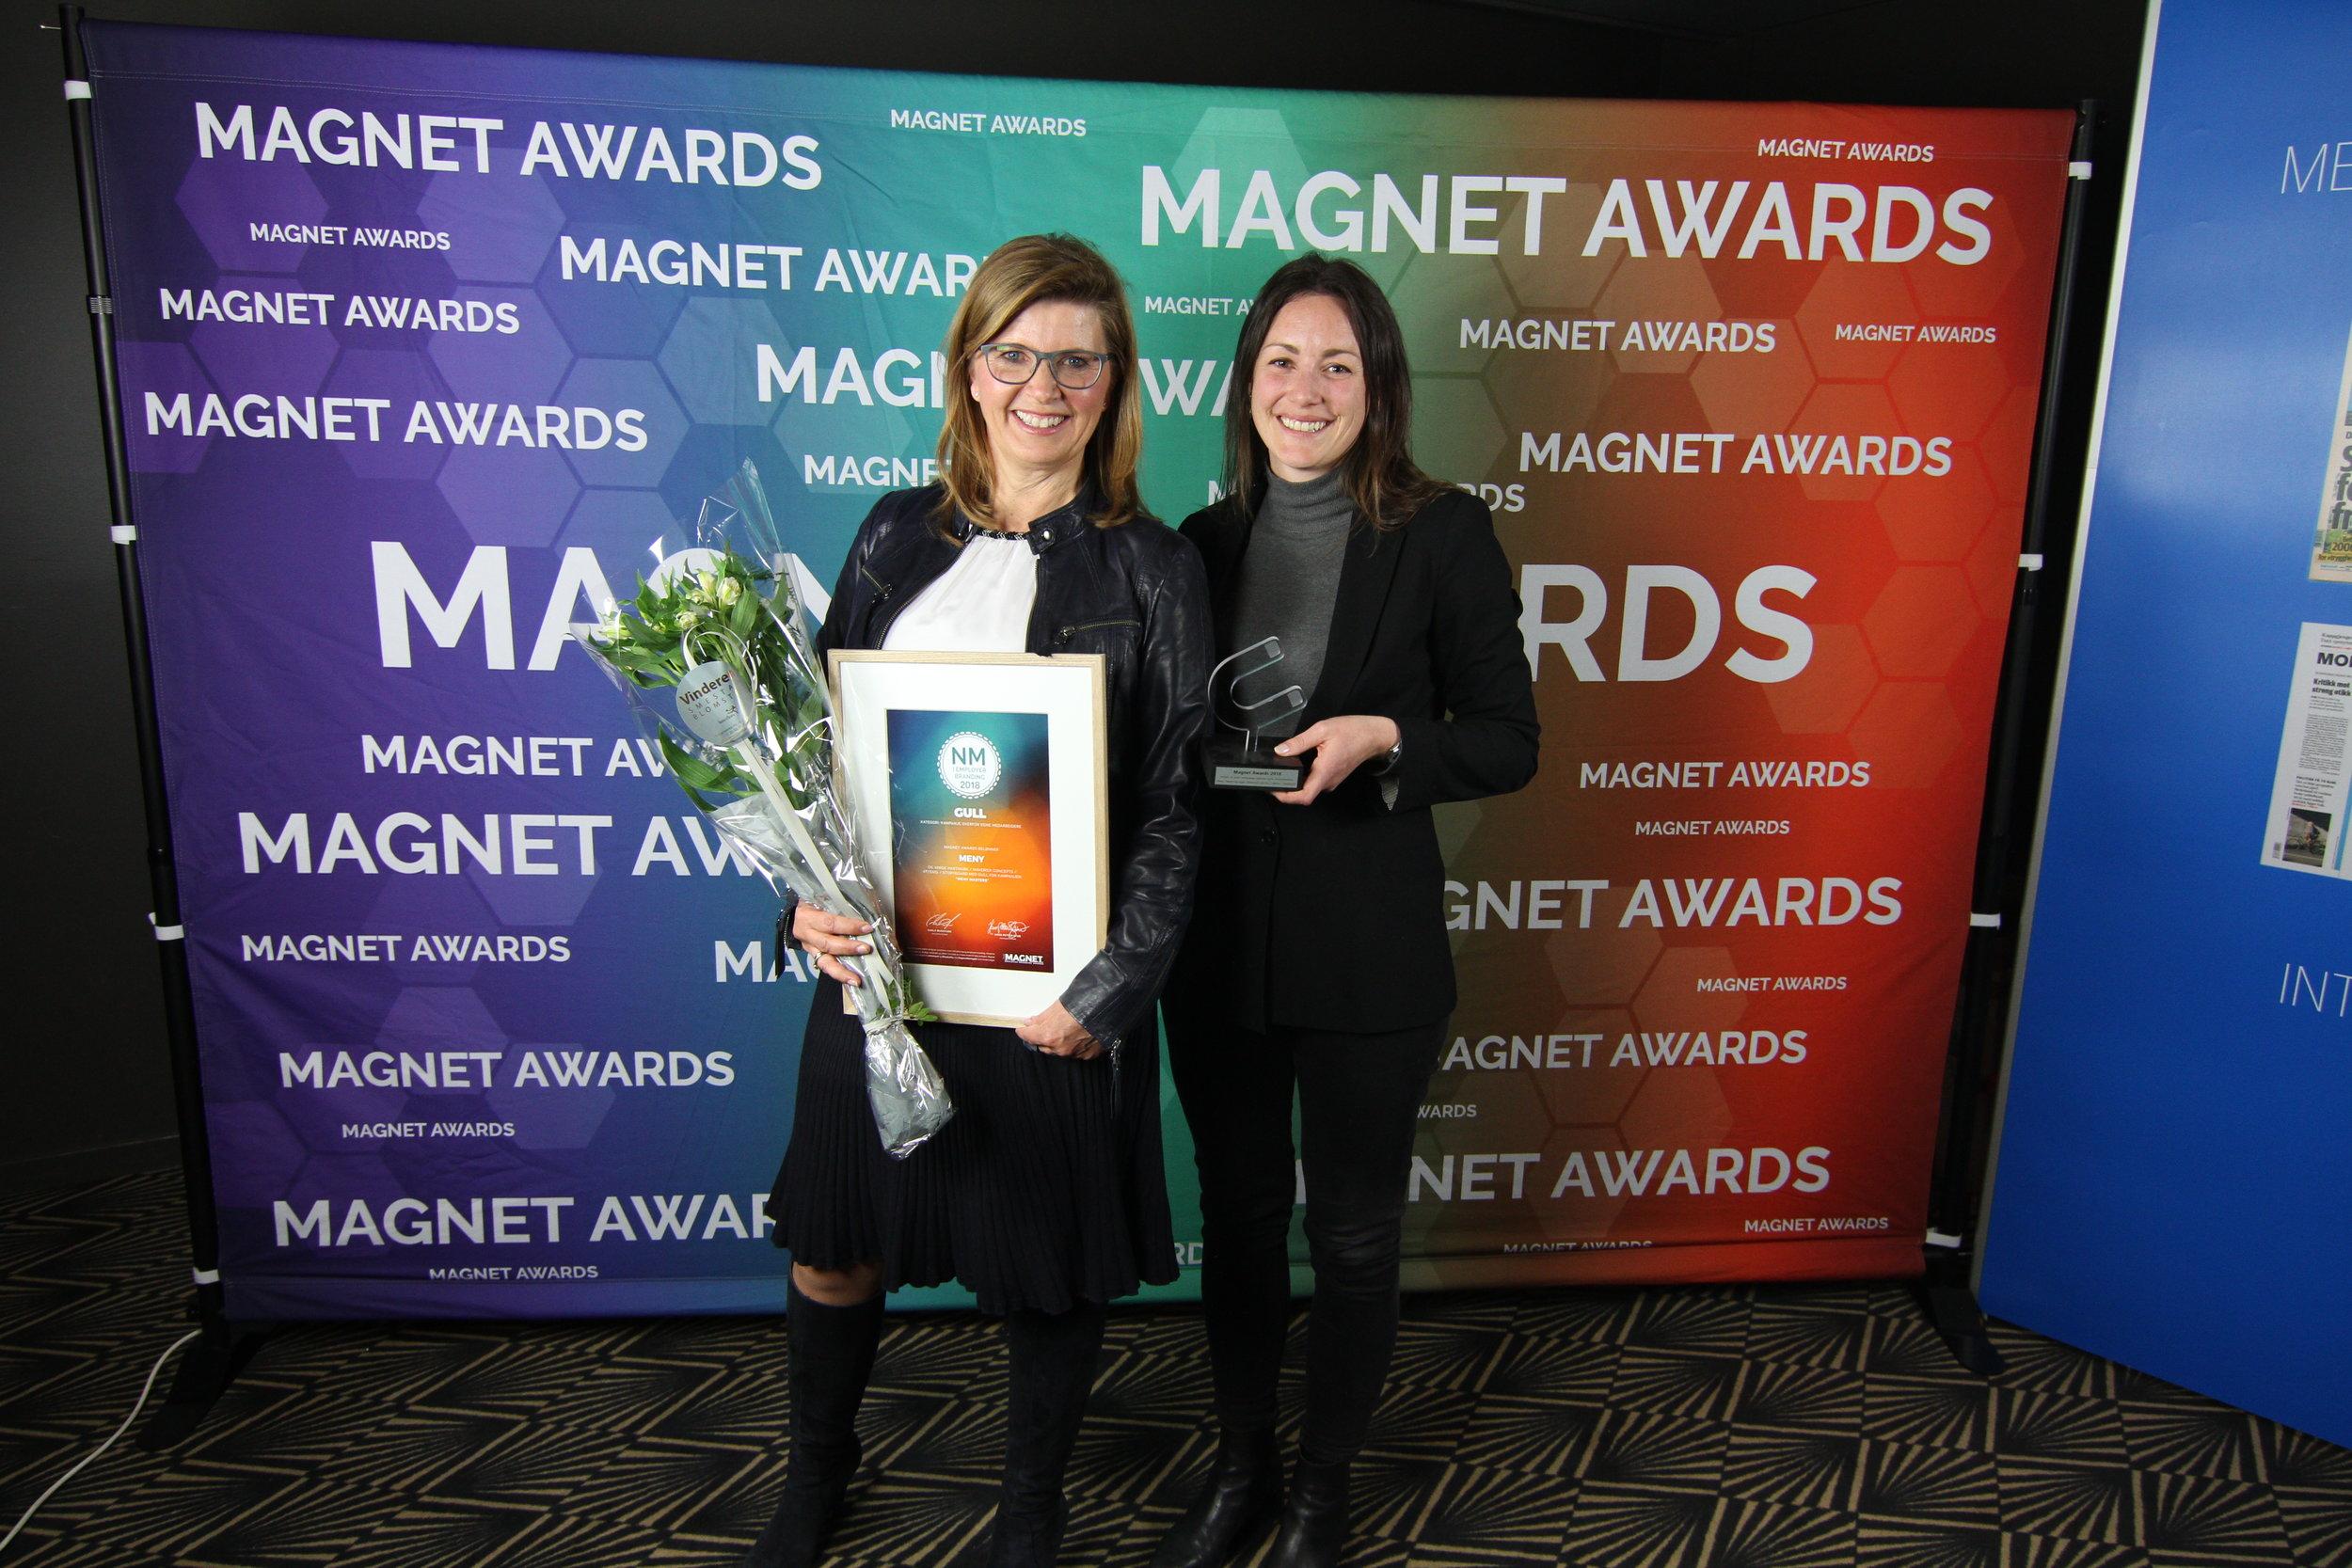 Fra venstre: HR-direktør i MENY, Line Beate Jebsen og seniorkonsulent i Varde Hartmark, Malene Hoftun Jæger (foto: Magnet Awards)